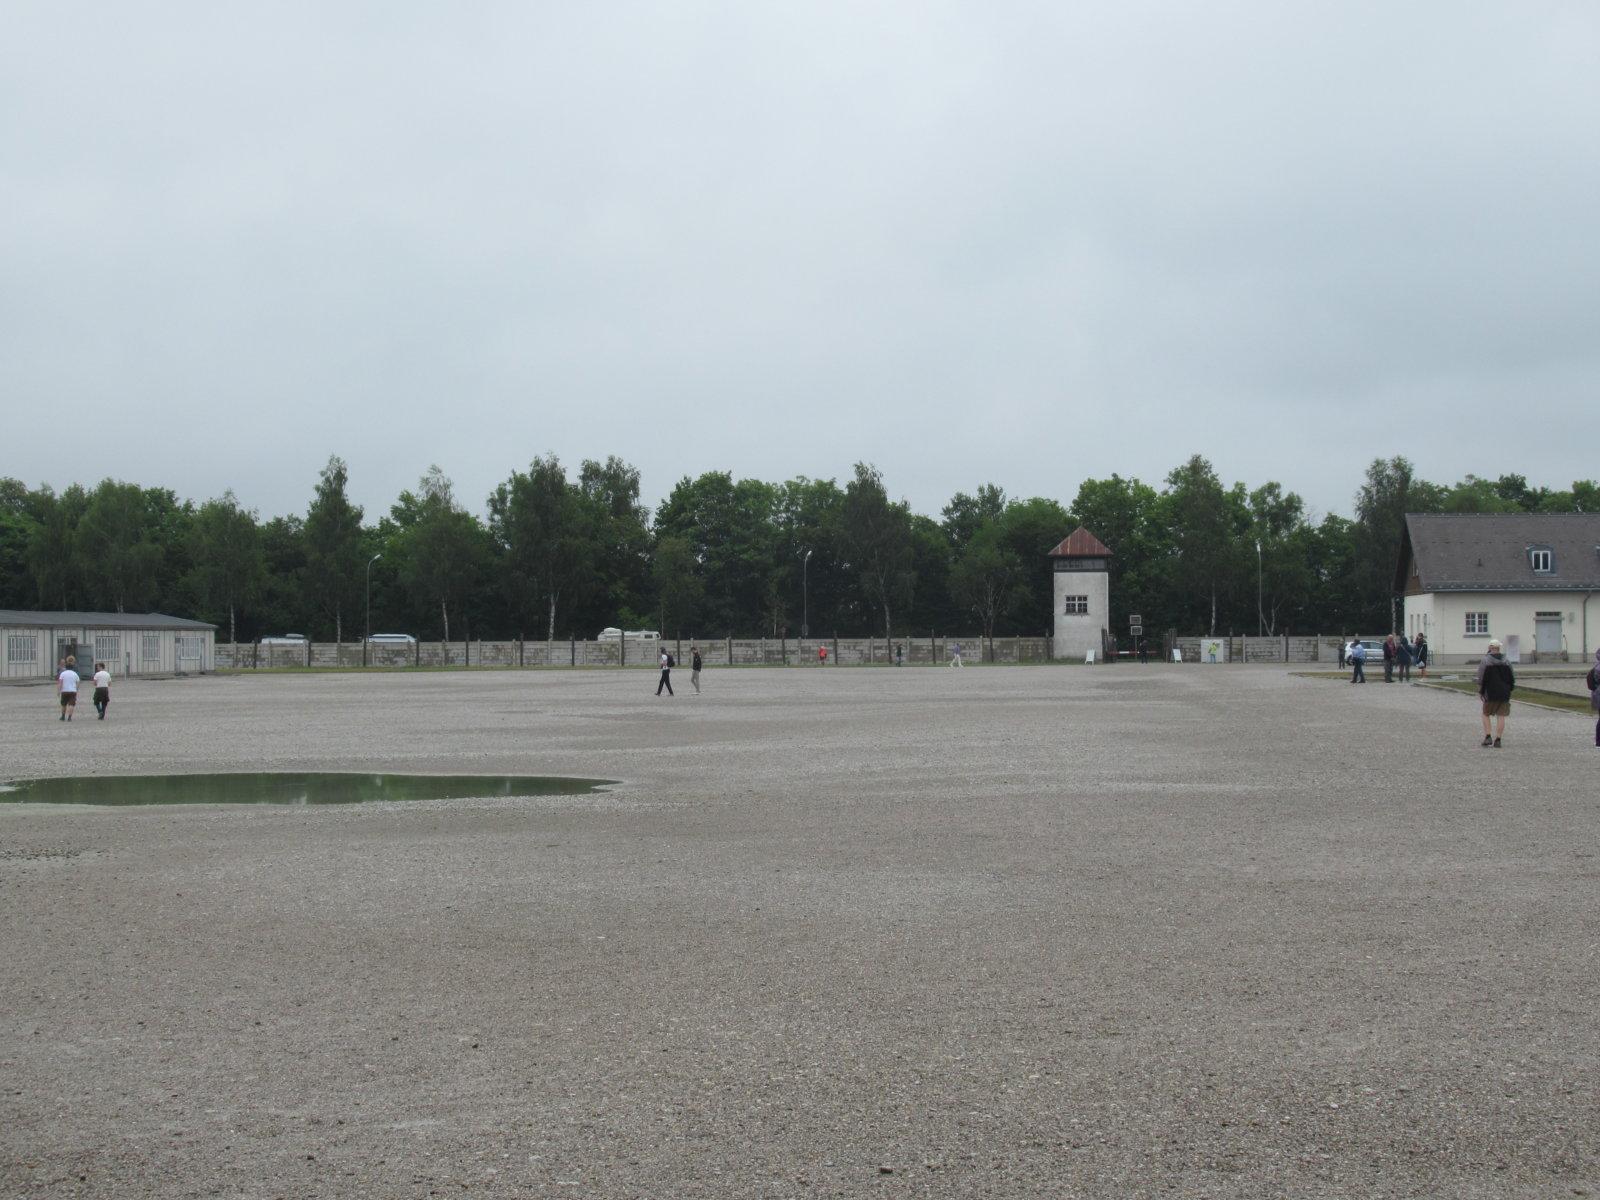 07-29 Dachu Grounds 4